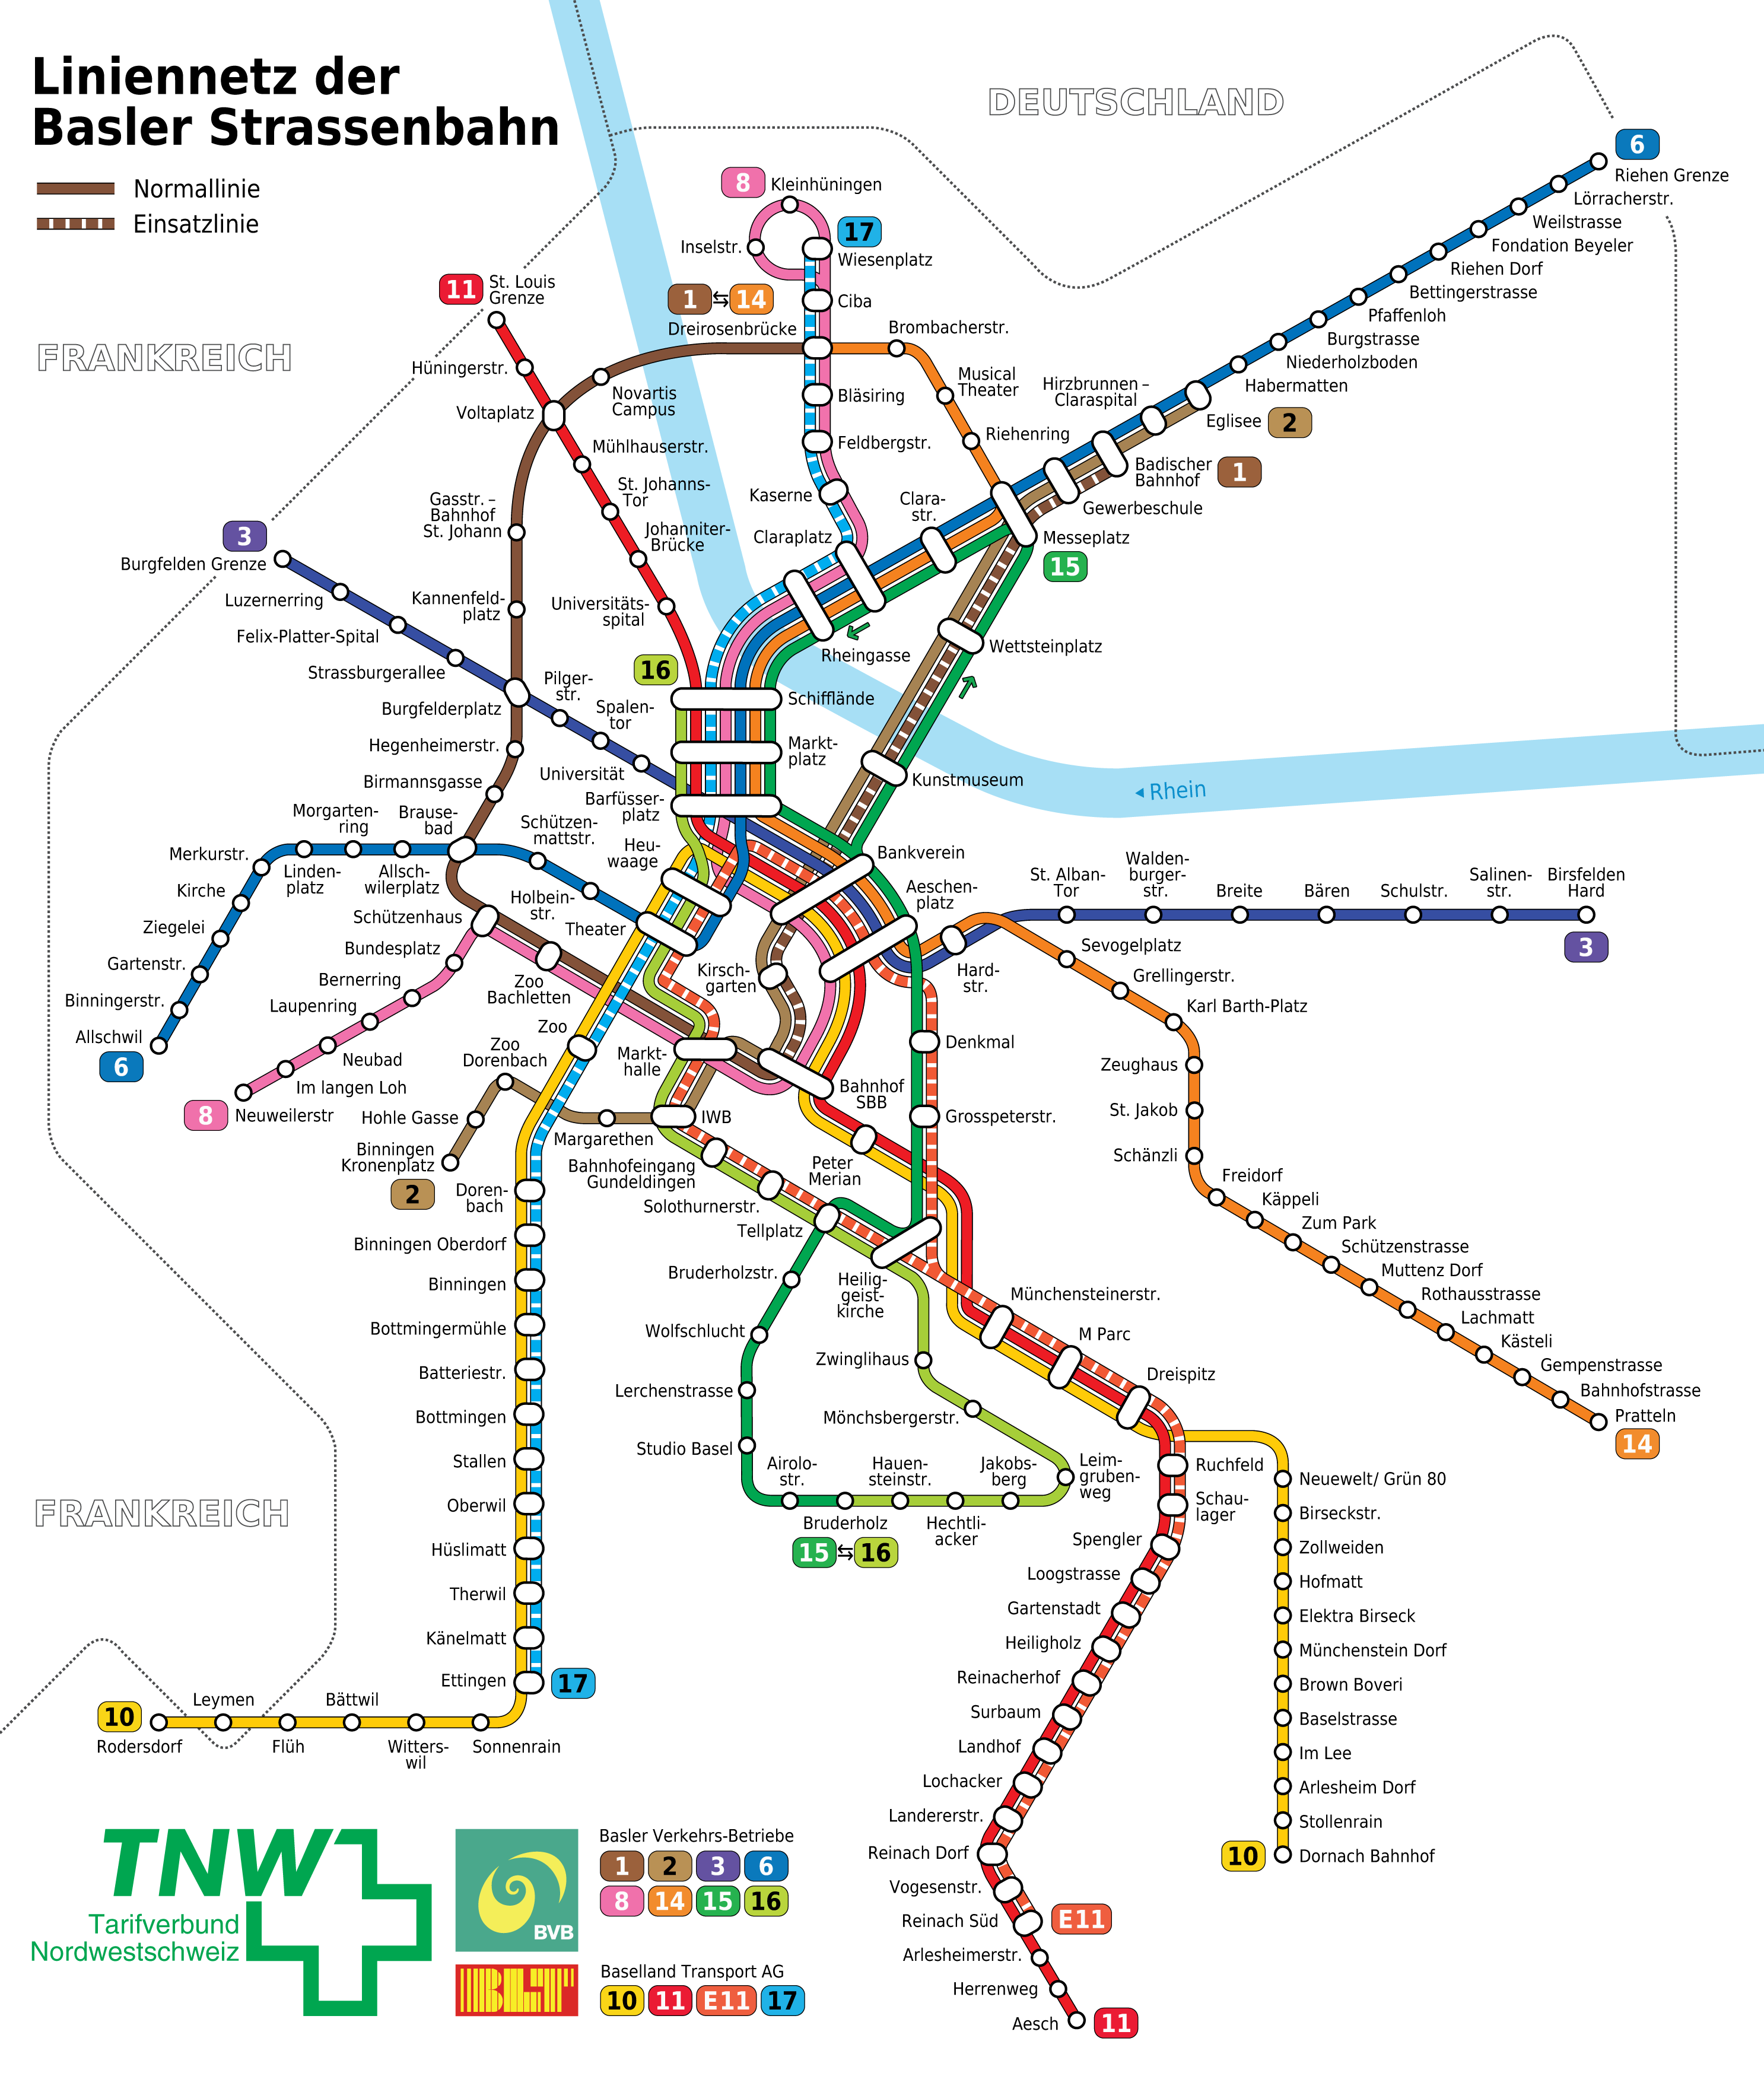 Liniennetz Der Basler Strasssenbahn Public Transport Maps - Sweden tunnelbana map